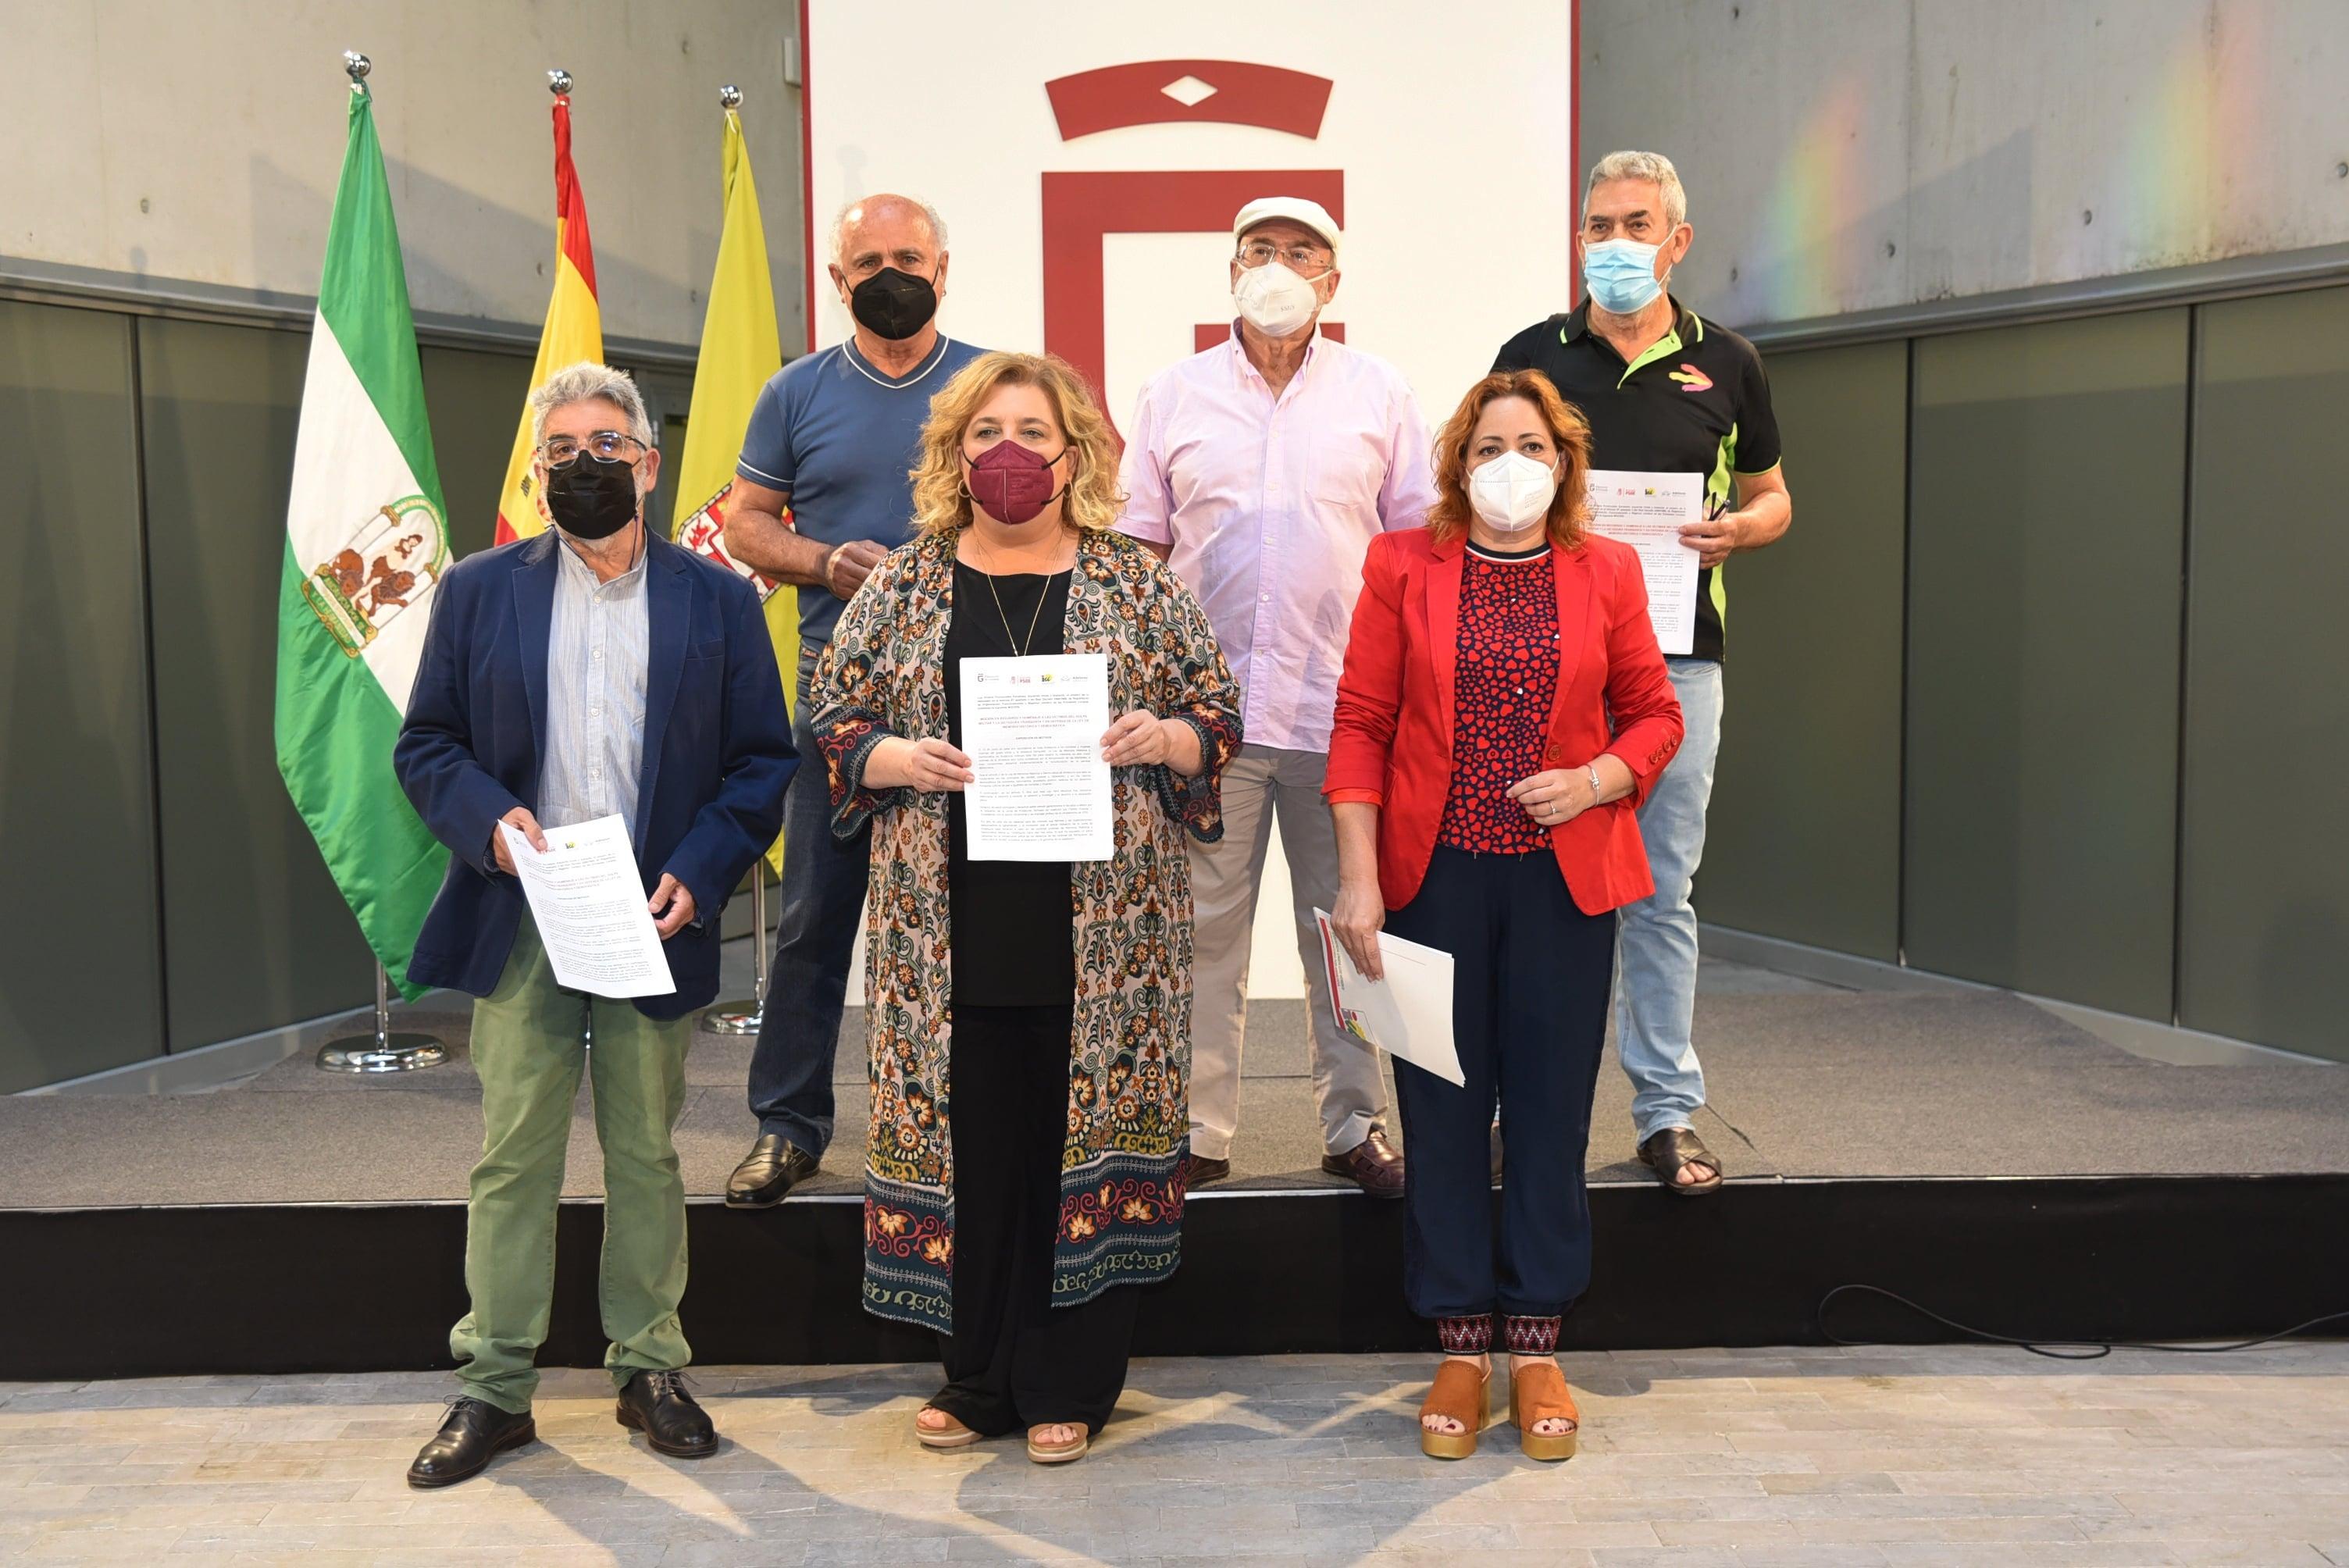 El pleno de la Diputación debatirá una moción para reactivar la Ley de Memoria Histórica de Andalucía